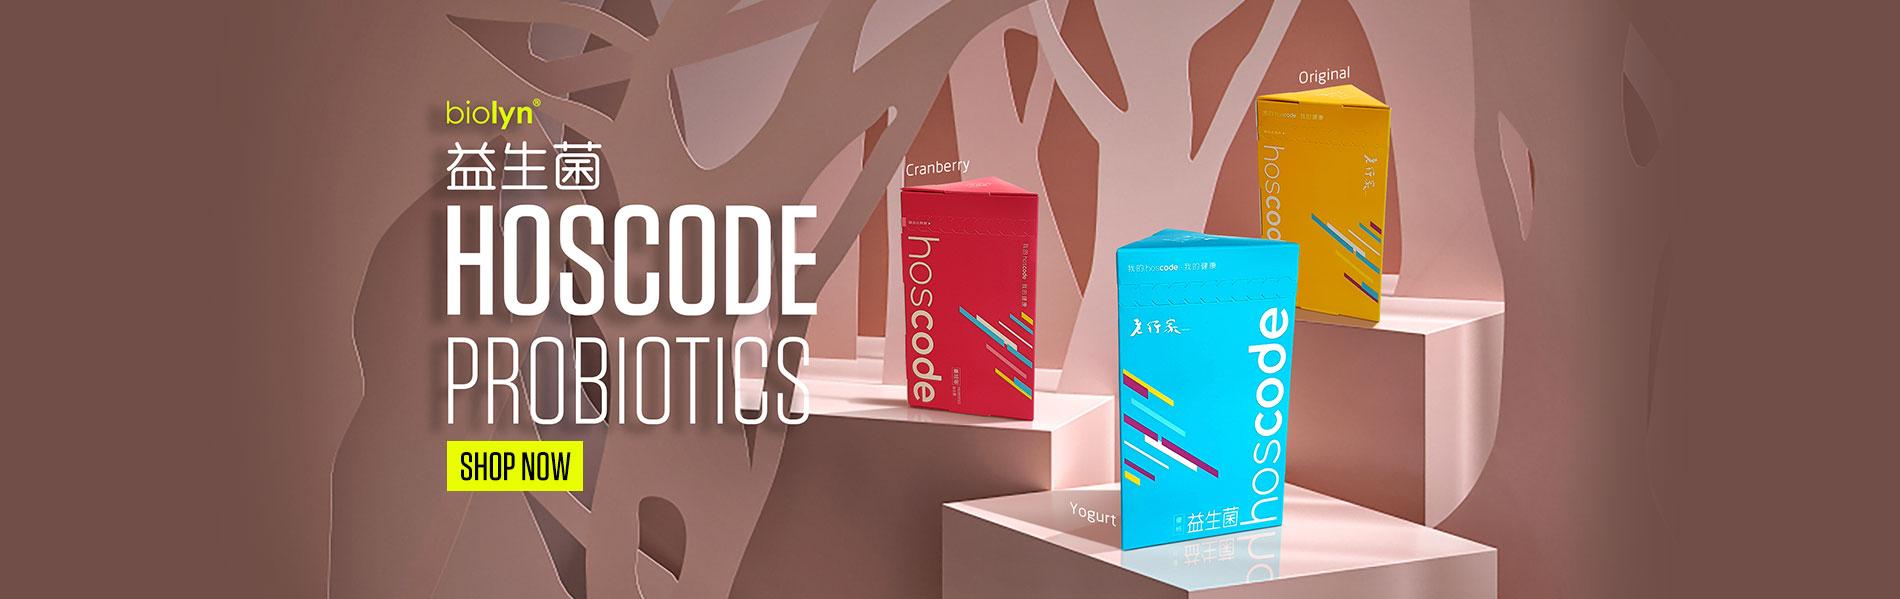 hoscode-with-bg_04